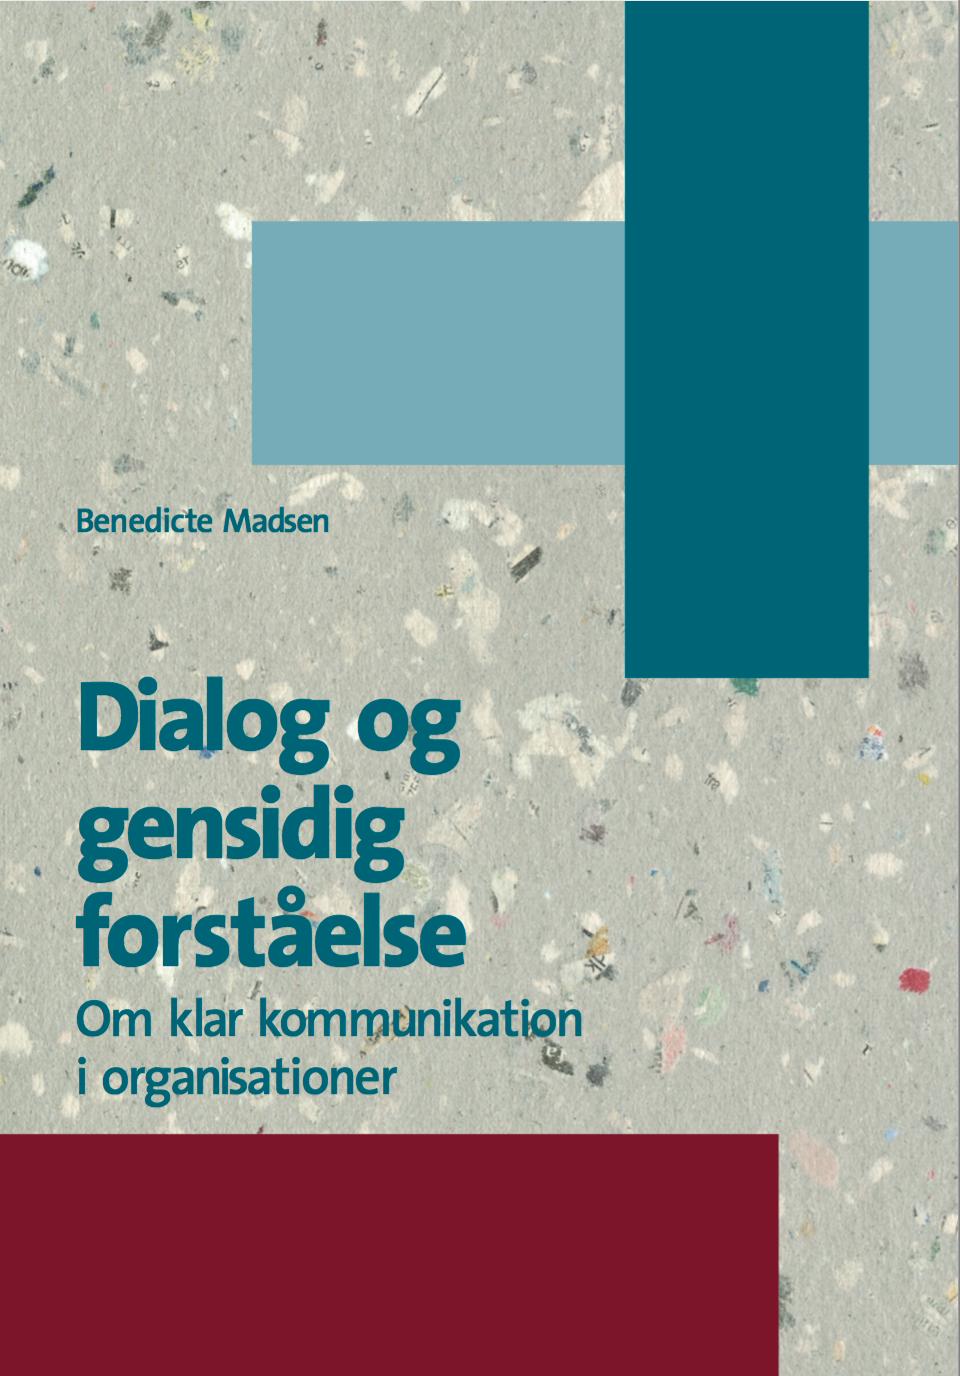 dialog og gensidig forståelse - Madsen.png